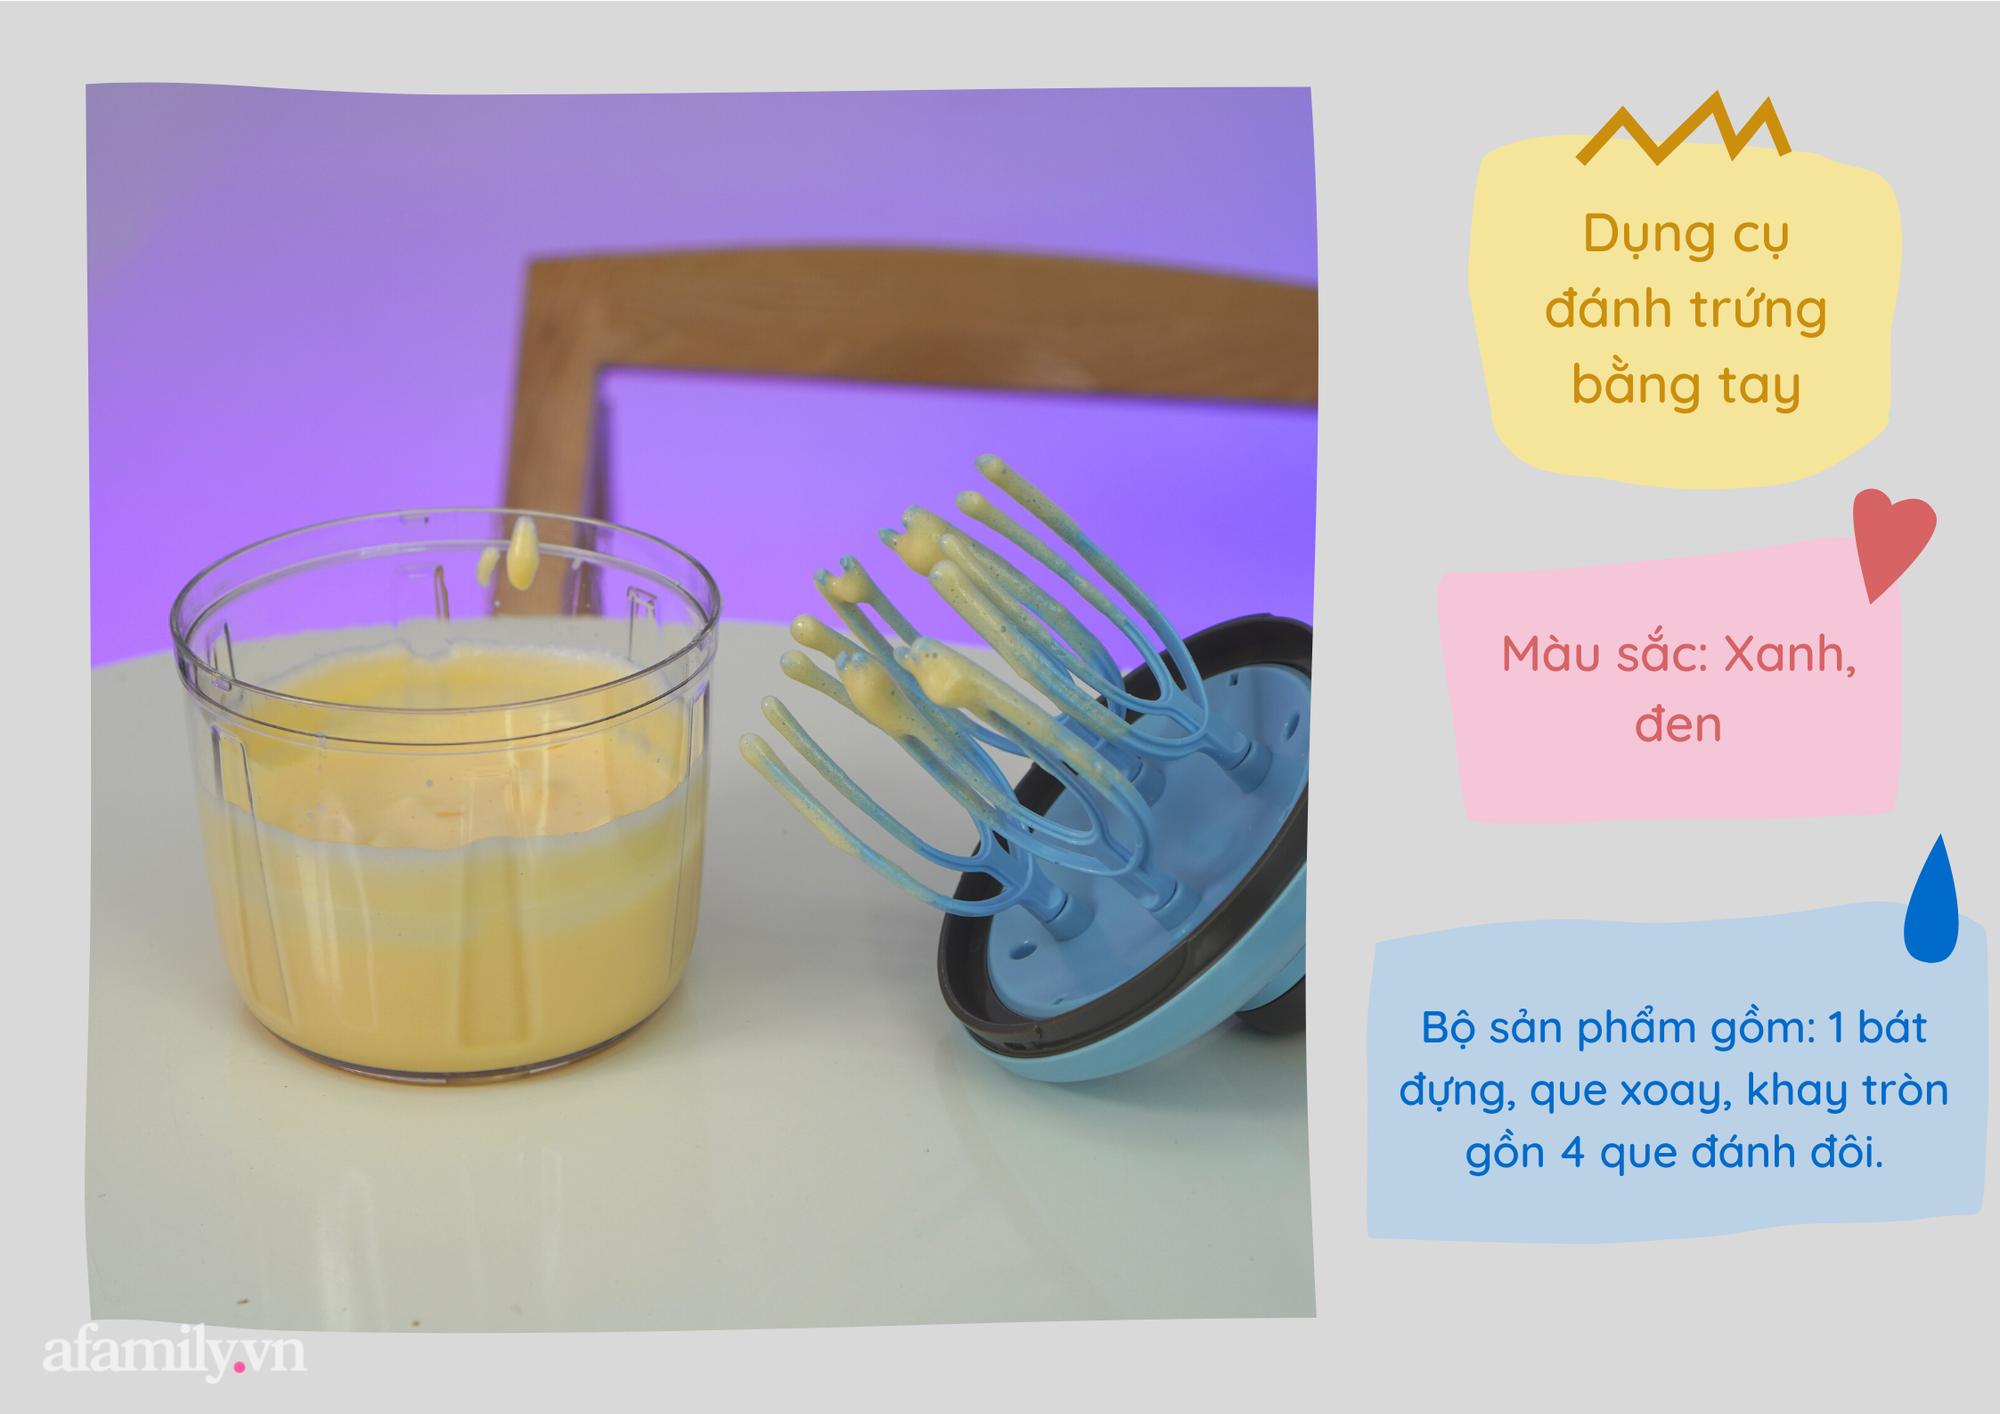 Ba dụng cụ liên quan đến trứng có gì mà nhiều người mua và review đến vậy - Ảnh 6.